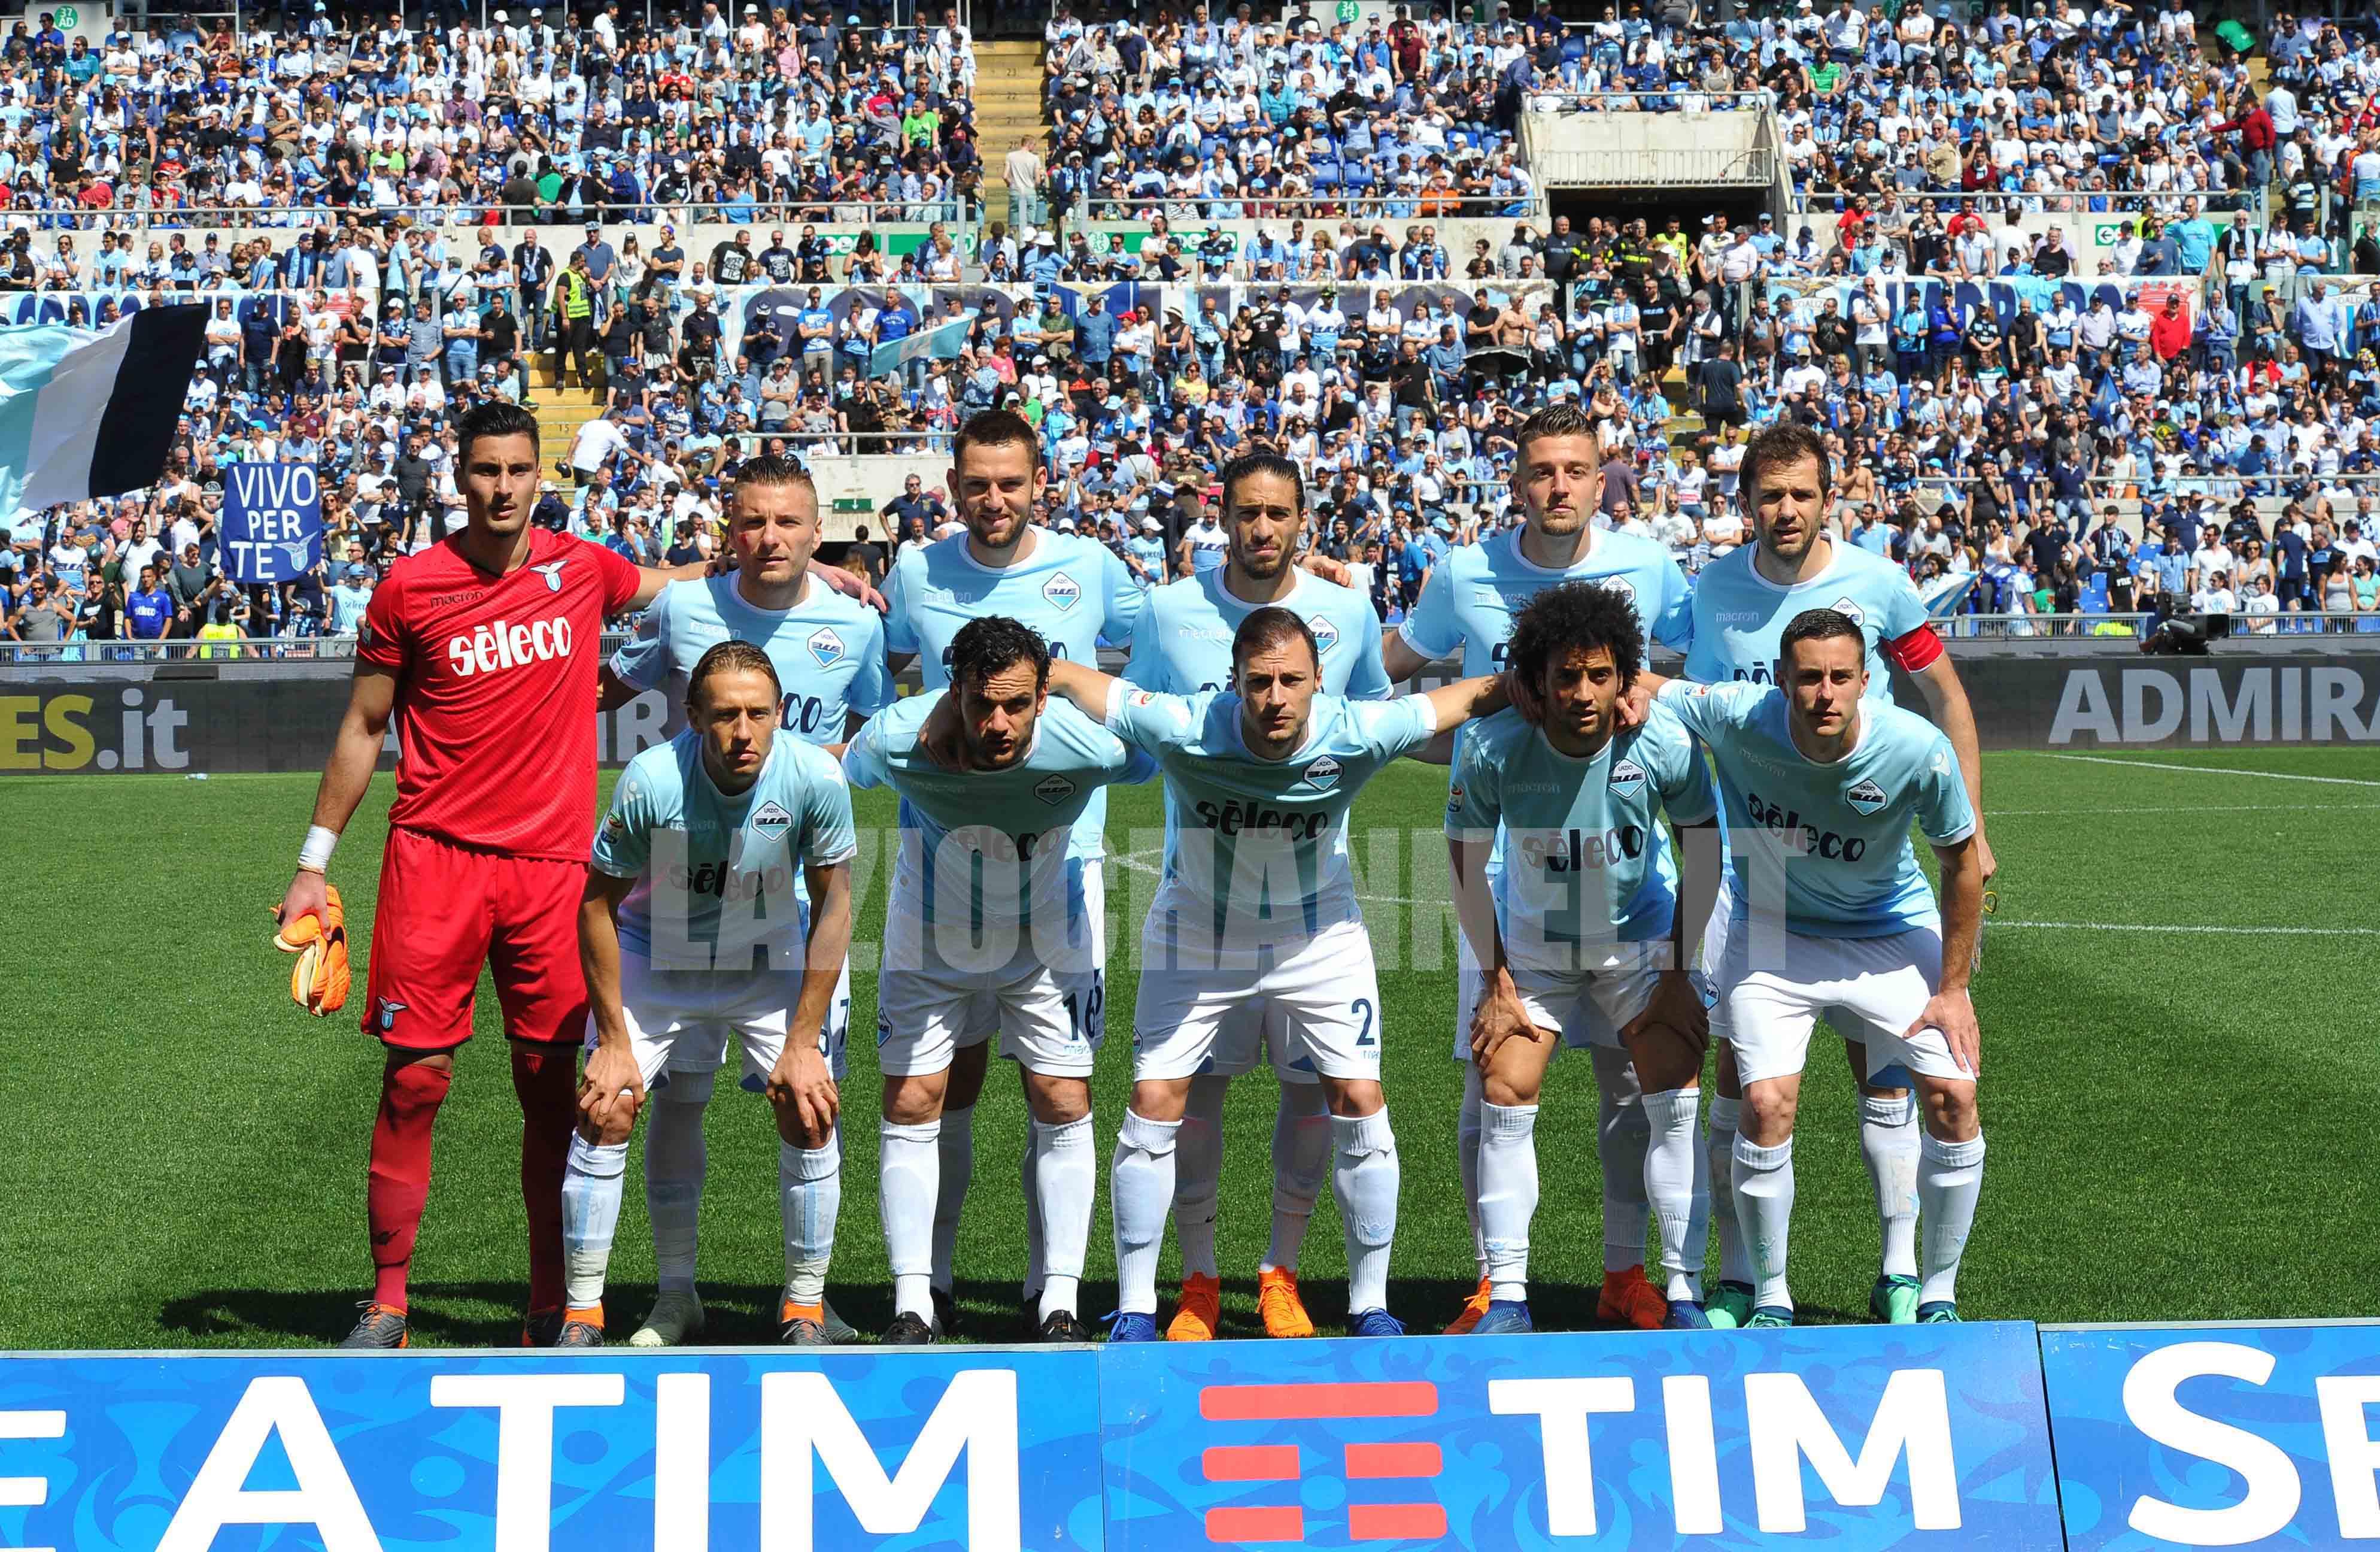 Formazione Lazio Sampdoria